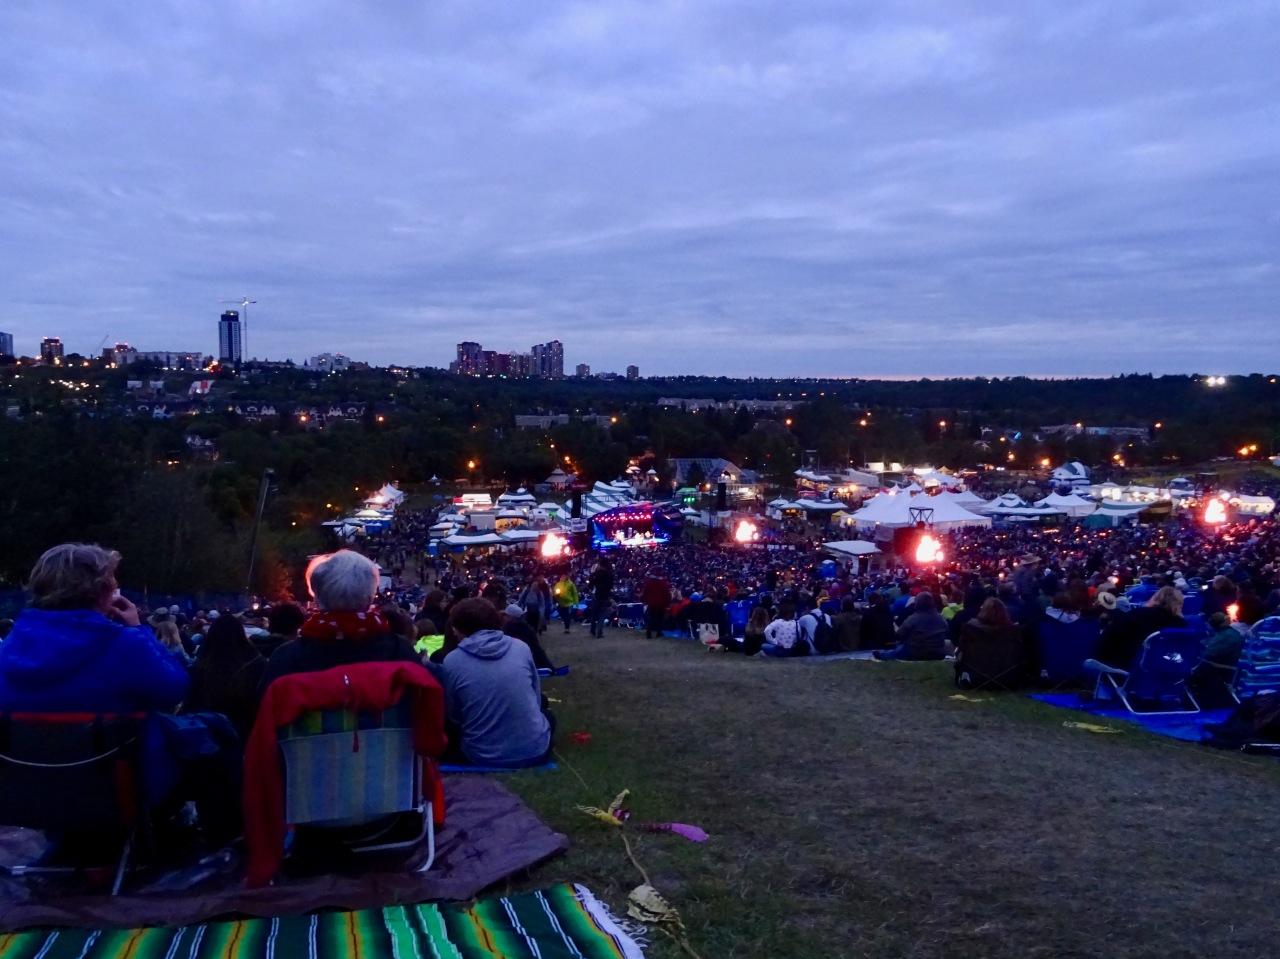 Edmonton Folk Fest 2019